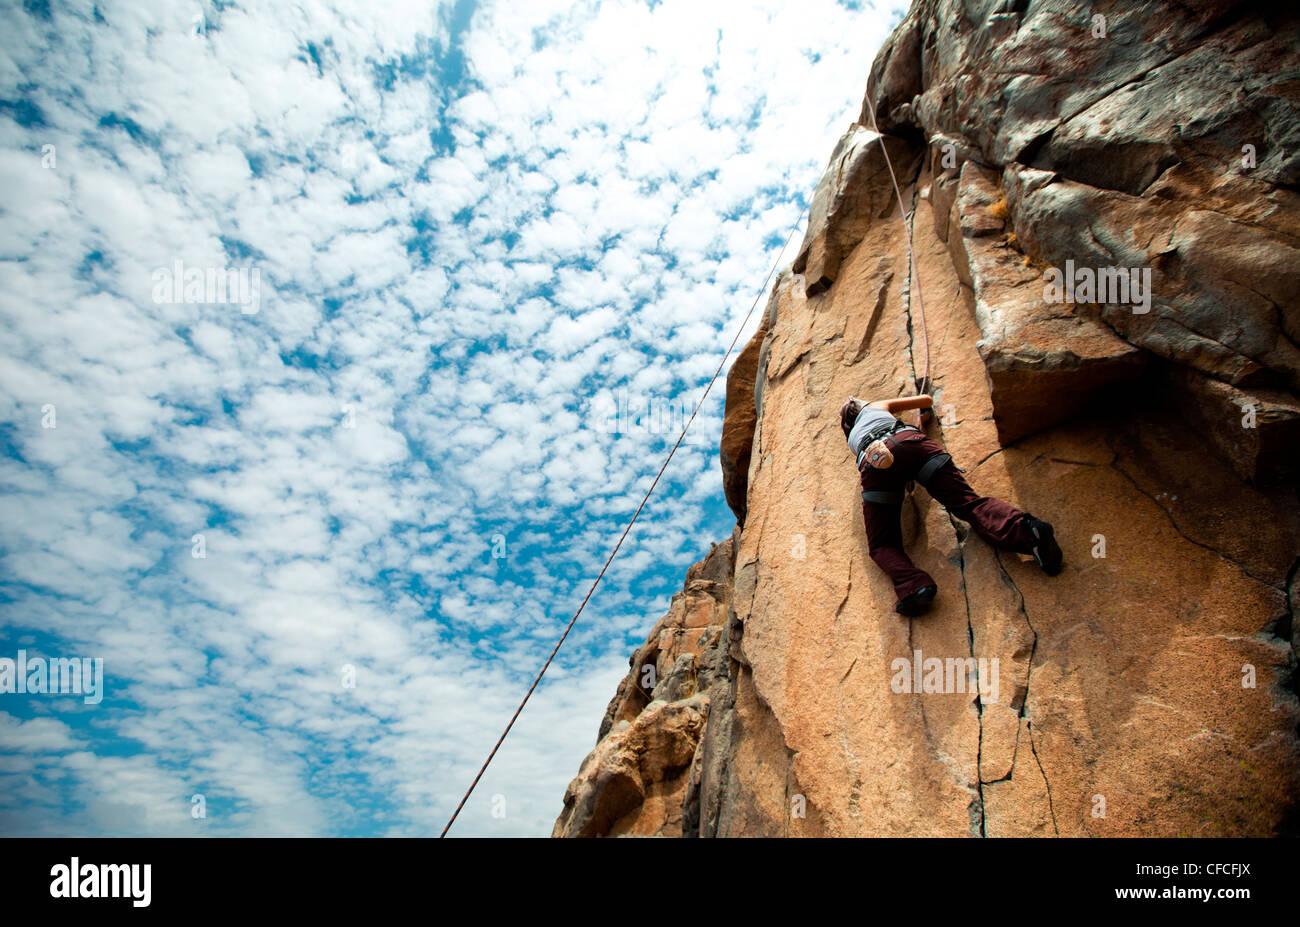 Cerca fino a una donna scalatore un crack cucitura in una roccia di granito faccia. Foto Stock